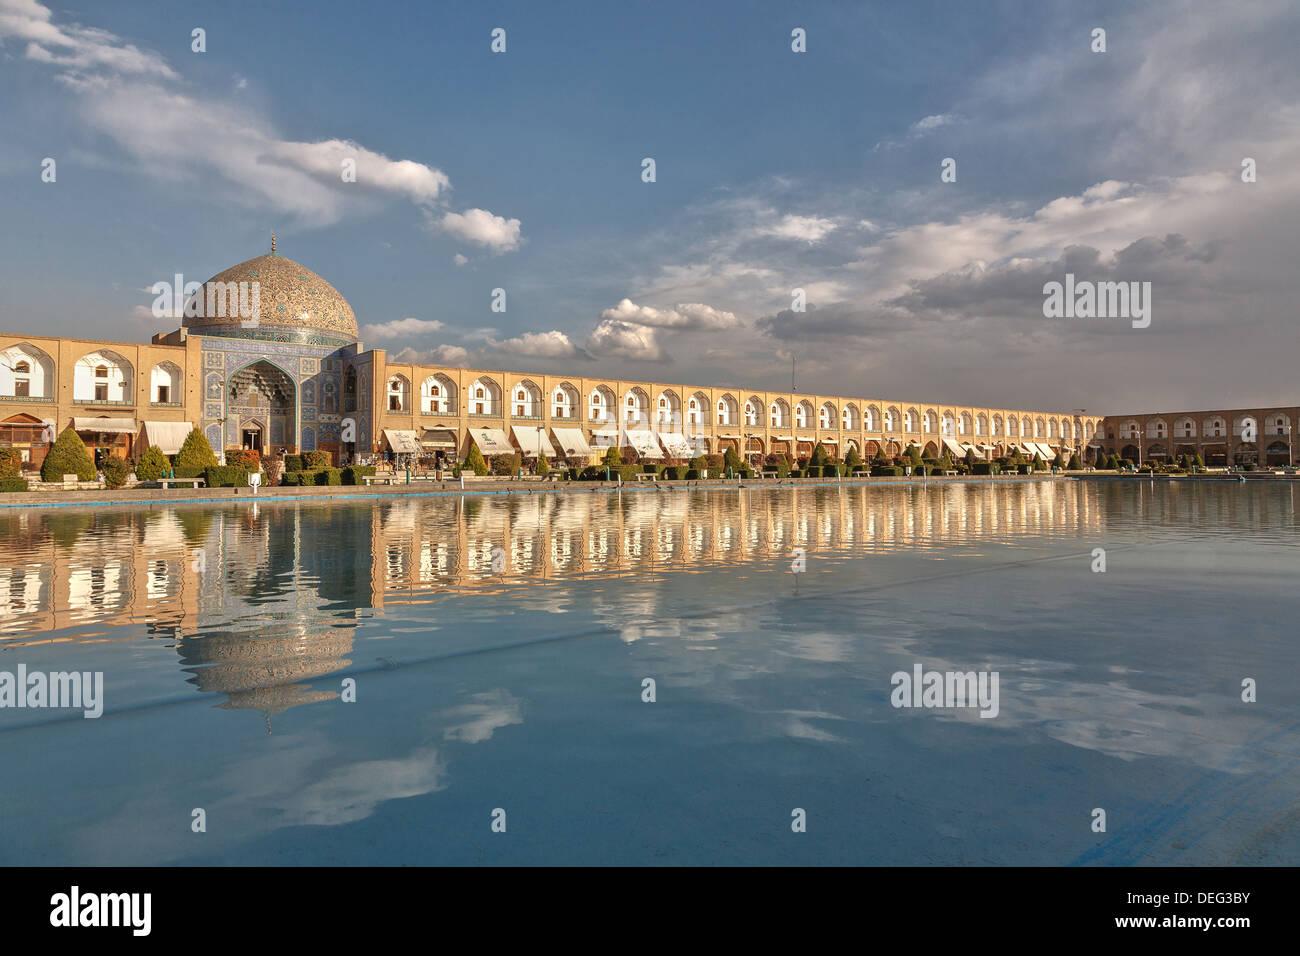 Isfahan (اصفهان Esfāhān Perse: à propos de ce son (prononciation)), historiquement a également rendu en anglais comme Ispahan. Photo Stock